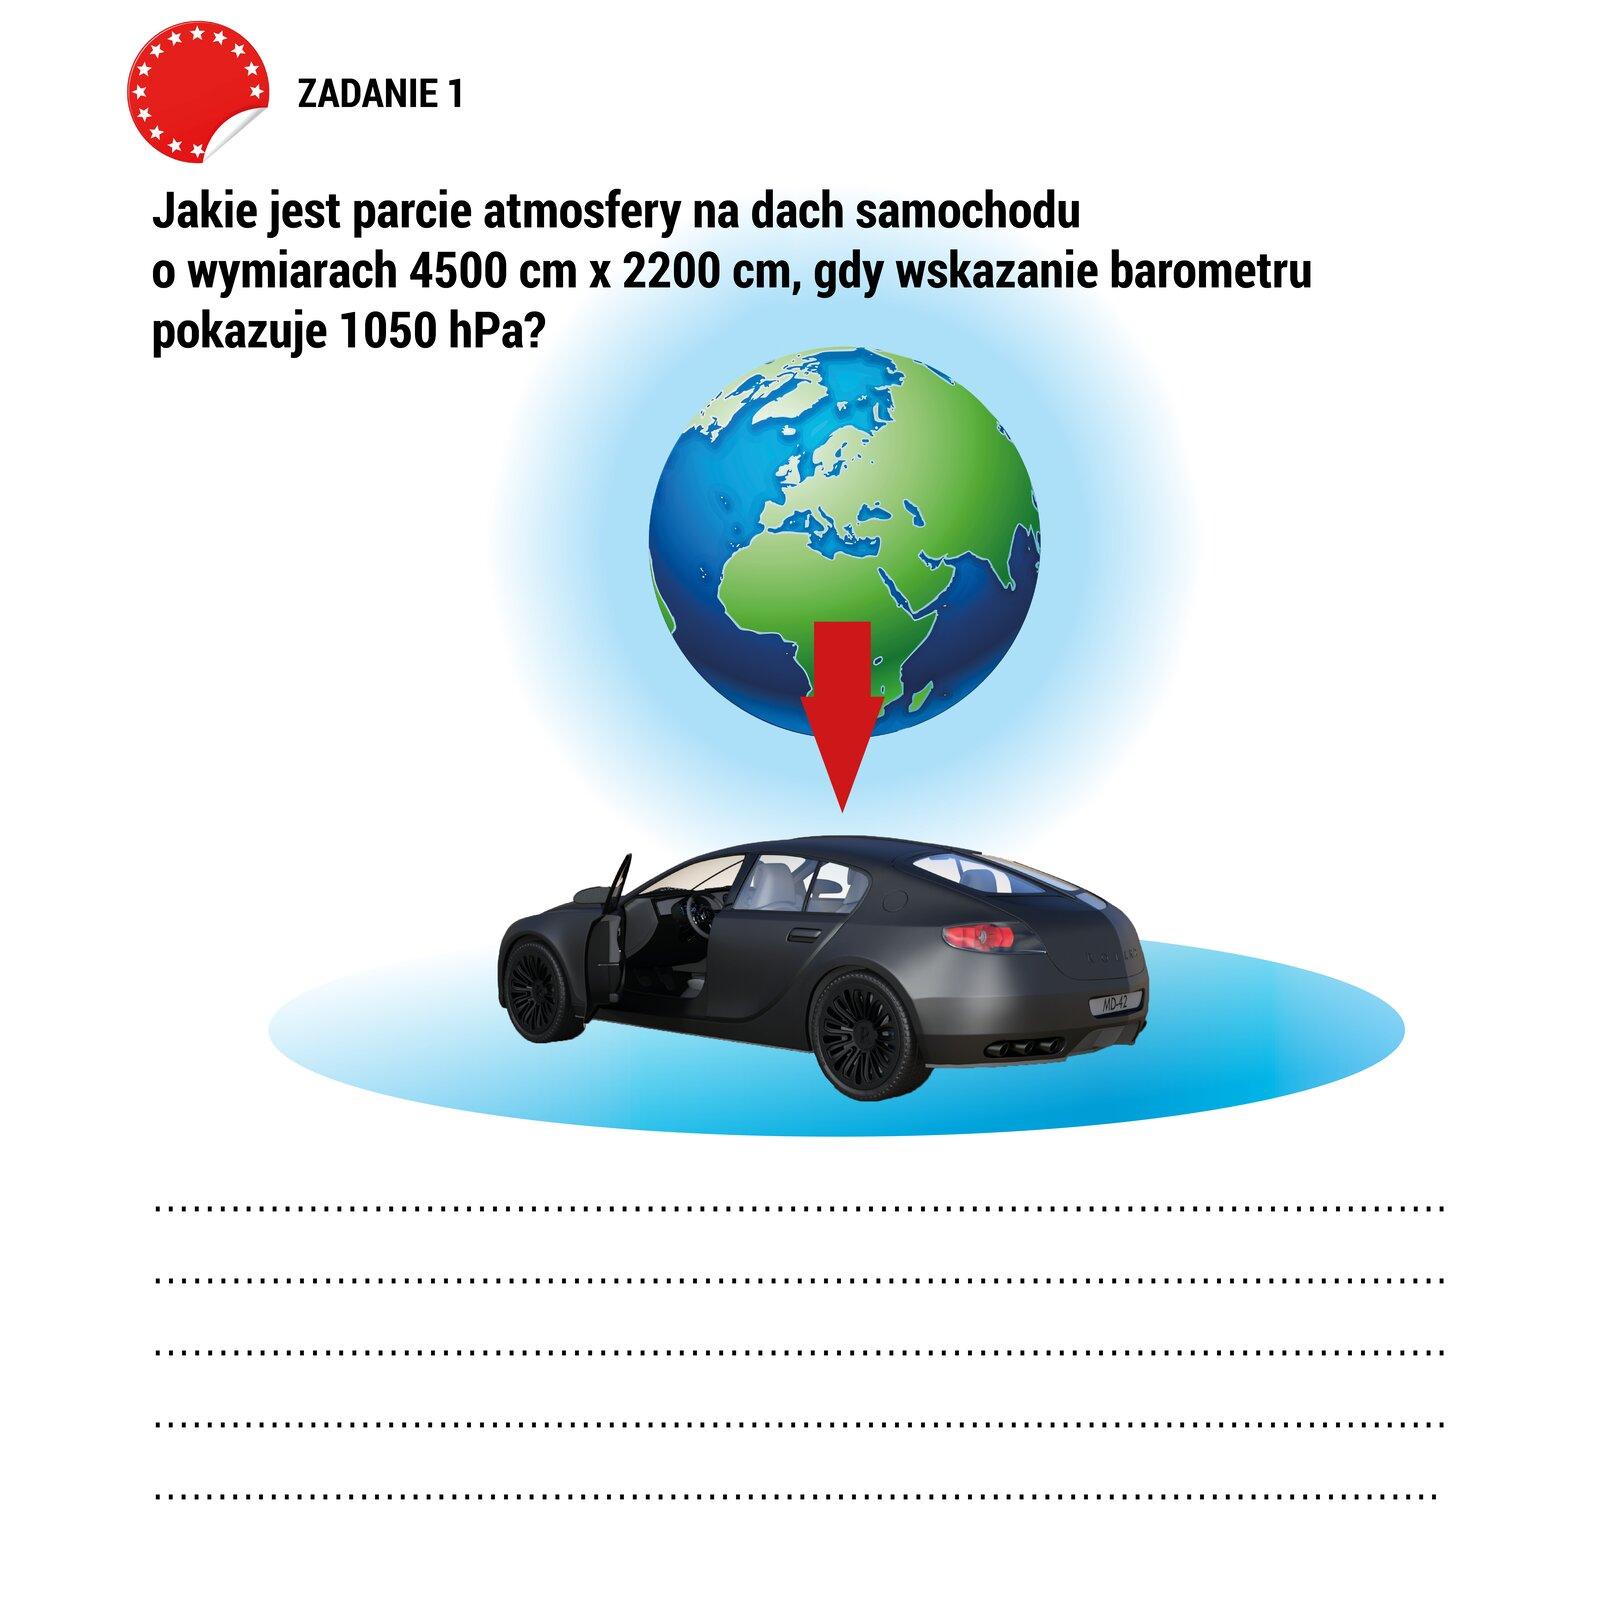 """Ilustracja przedstawia pracę domową. Poniżej napisu """"ZADANIE 1"""" napisana jest treść : """"Jakie jest parcie atmosfery na dach samochodu owymiarach 4500cm x2200cm, gdy wskazanie barometru pokazuje 1050 hPa?"""". Poniżej treści pokazany jest rysunek kuli ziemskiej zzarysami kontynentów otoczonej niebieskim pierścieniem symbolizującym atmosferę. Od kuli ziemskiej wdół skierowana jest czerwona strzałka symbolizująca ciśnienie. Strzałka wskazuje na rysunek samochodu wkolorze grafitowym. Poniżej rysunku są linie narysowane linią kropkowaną umożliwiające wpisanie własnego tekstu."""